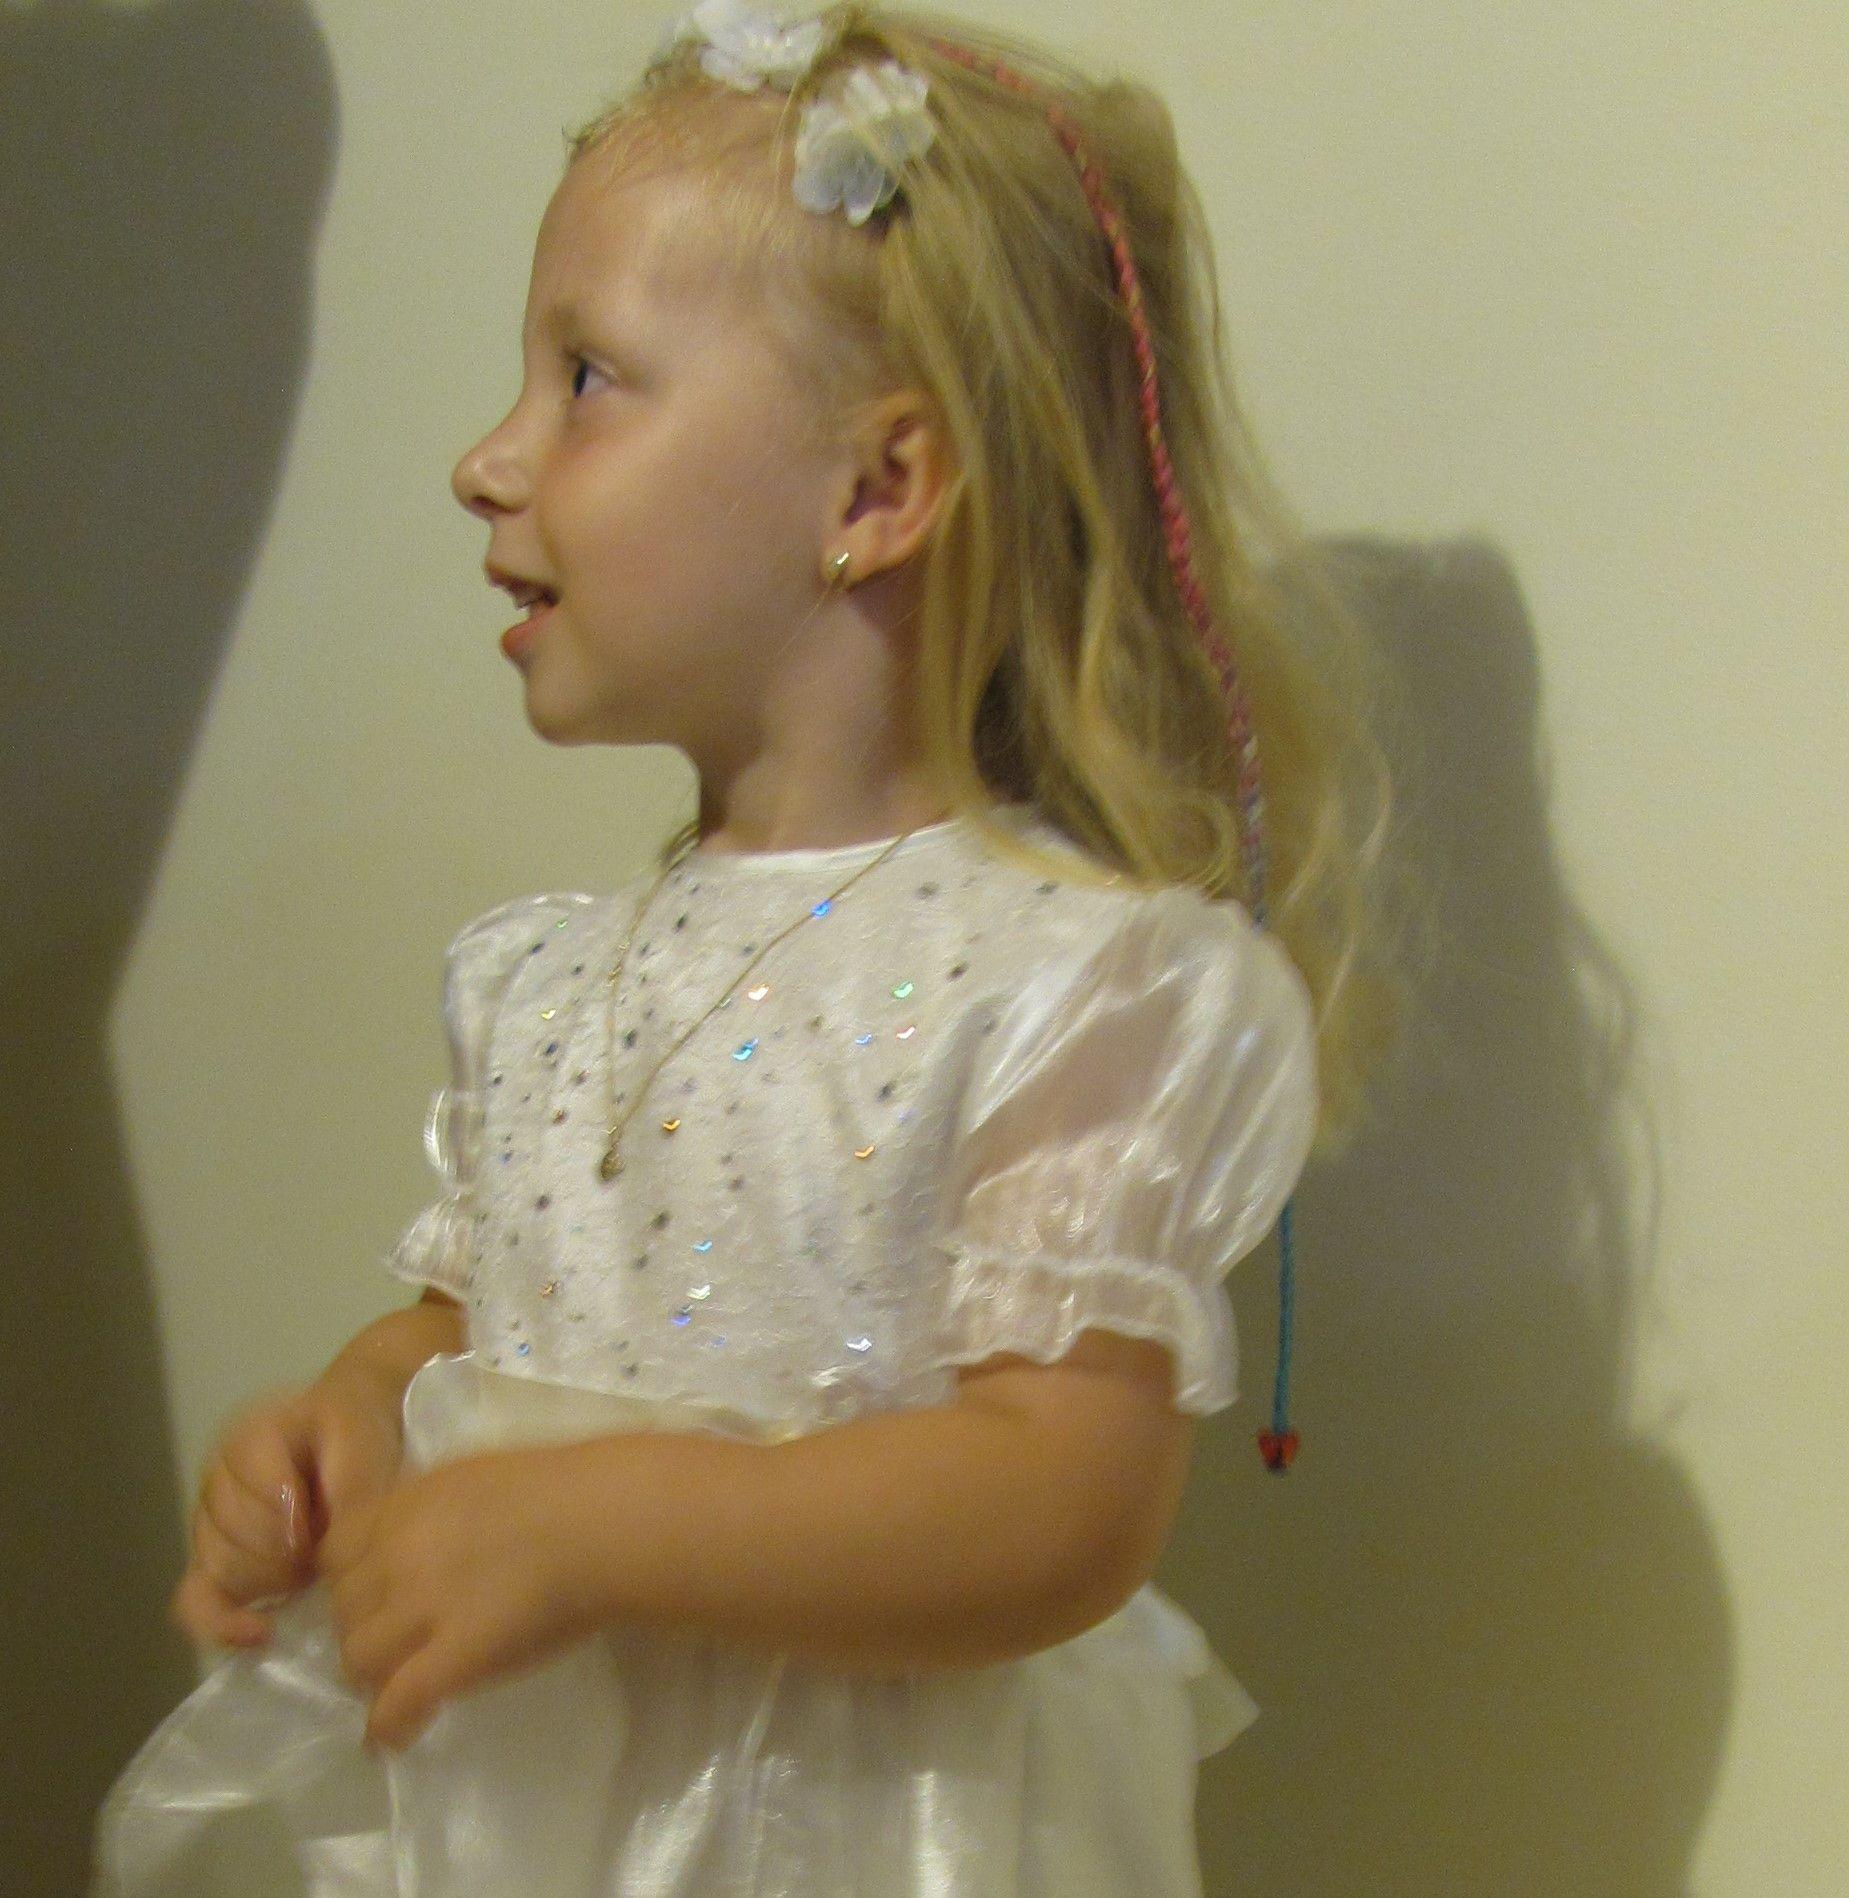 4-letnia dziewczynka ubrana w białą sukienkę po chrzcie św.